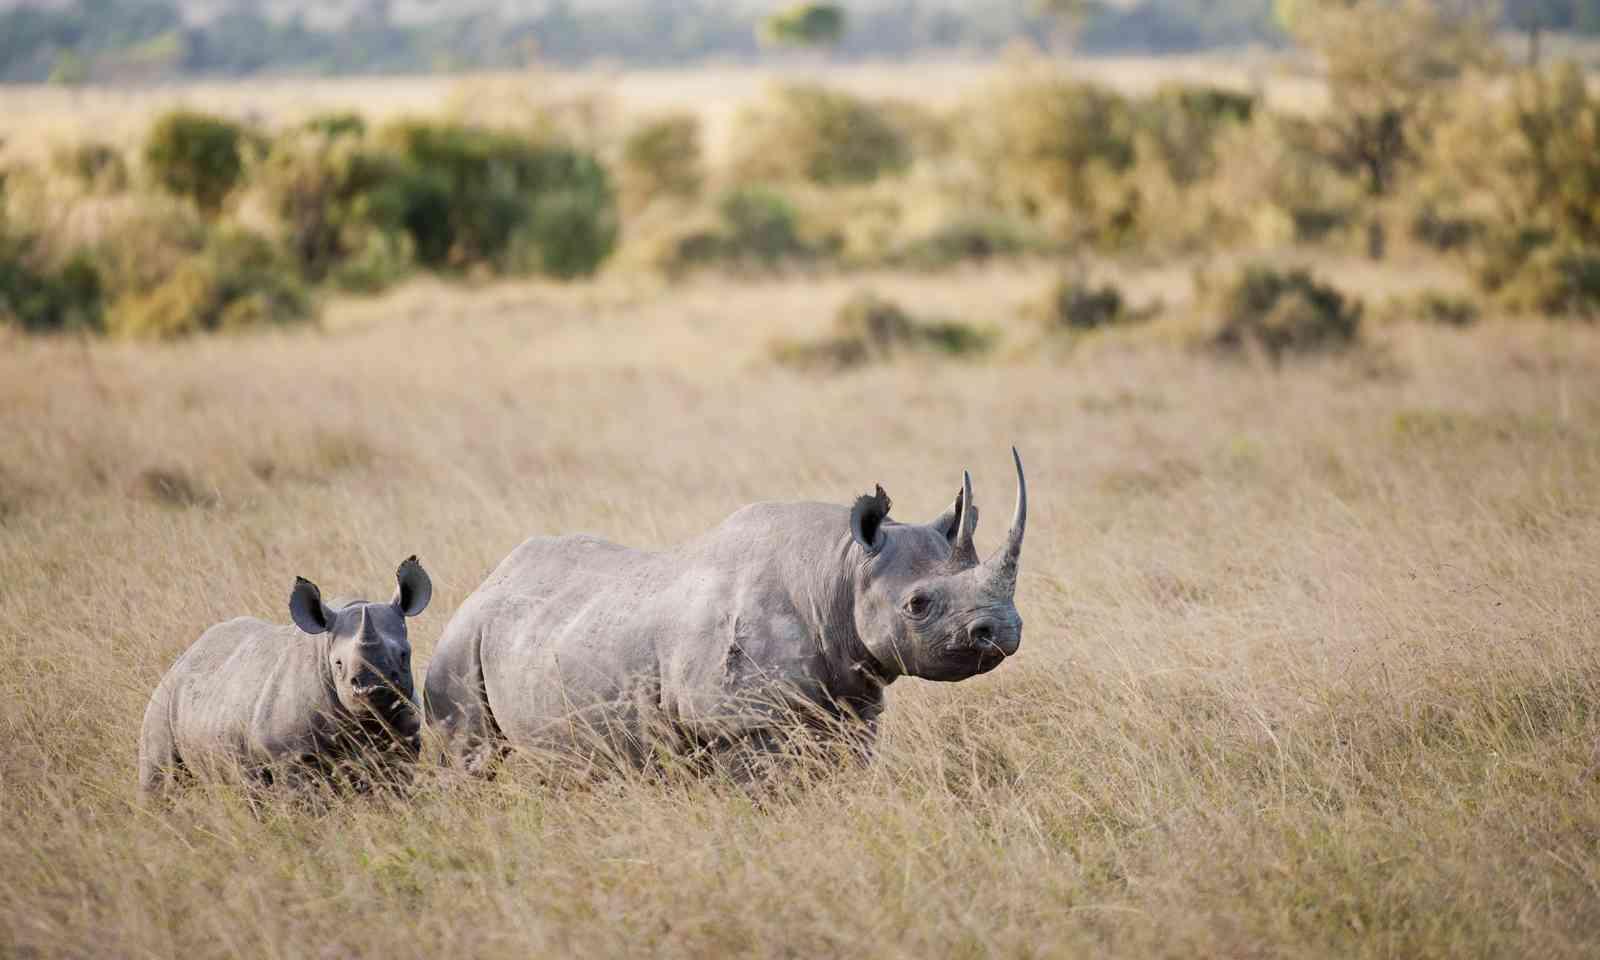 Black rhino and calf in Kenya (Dreamstime)